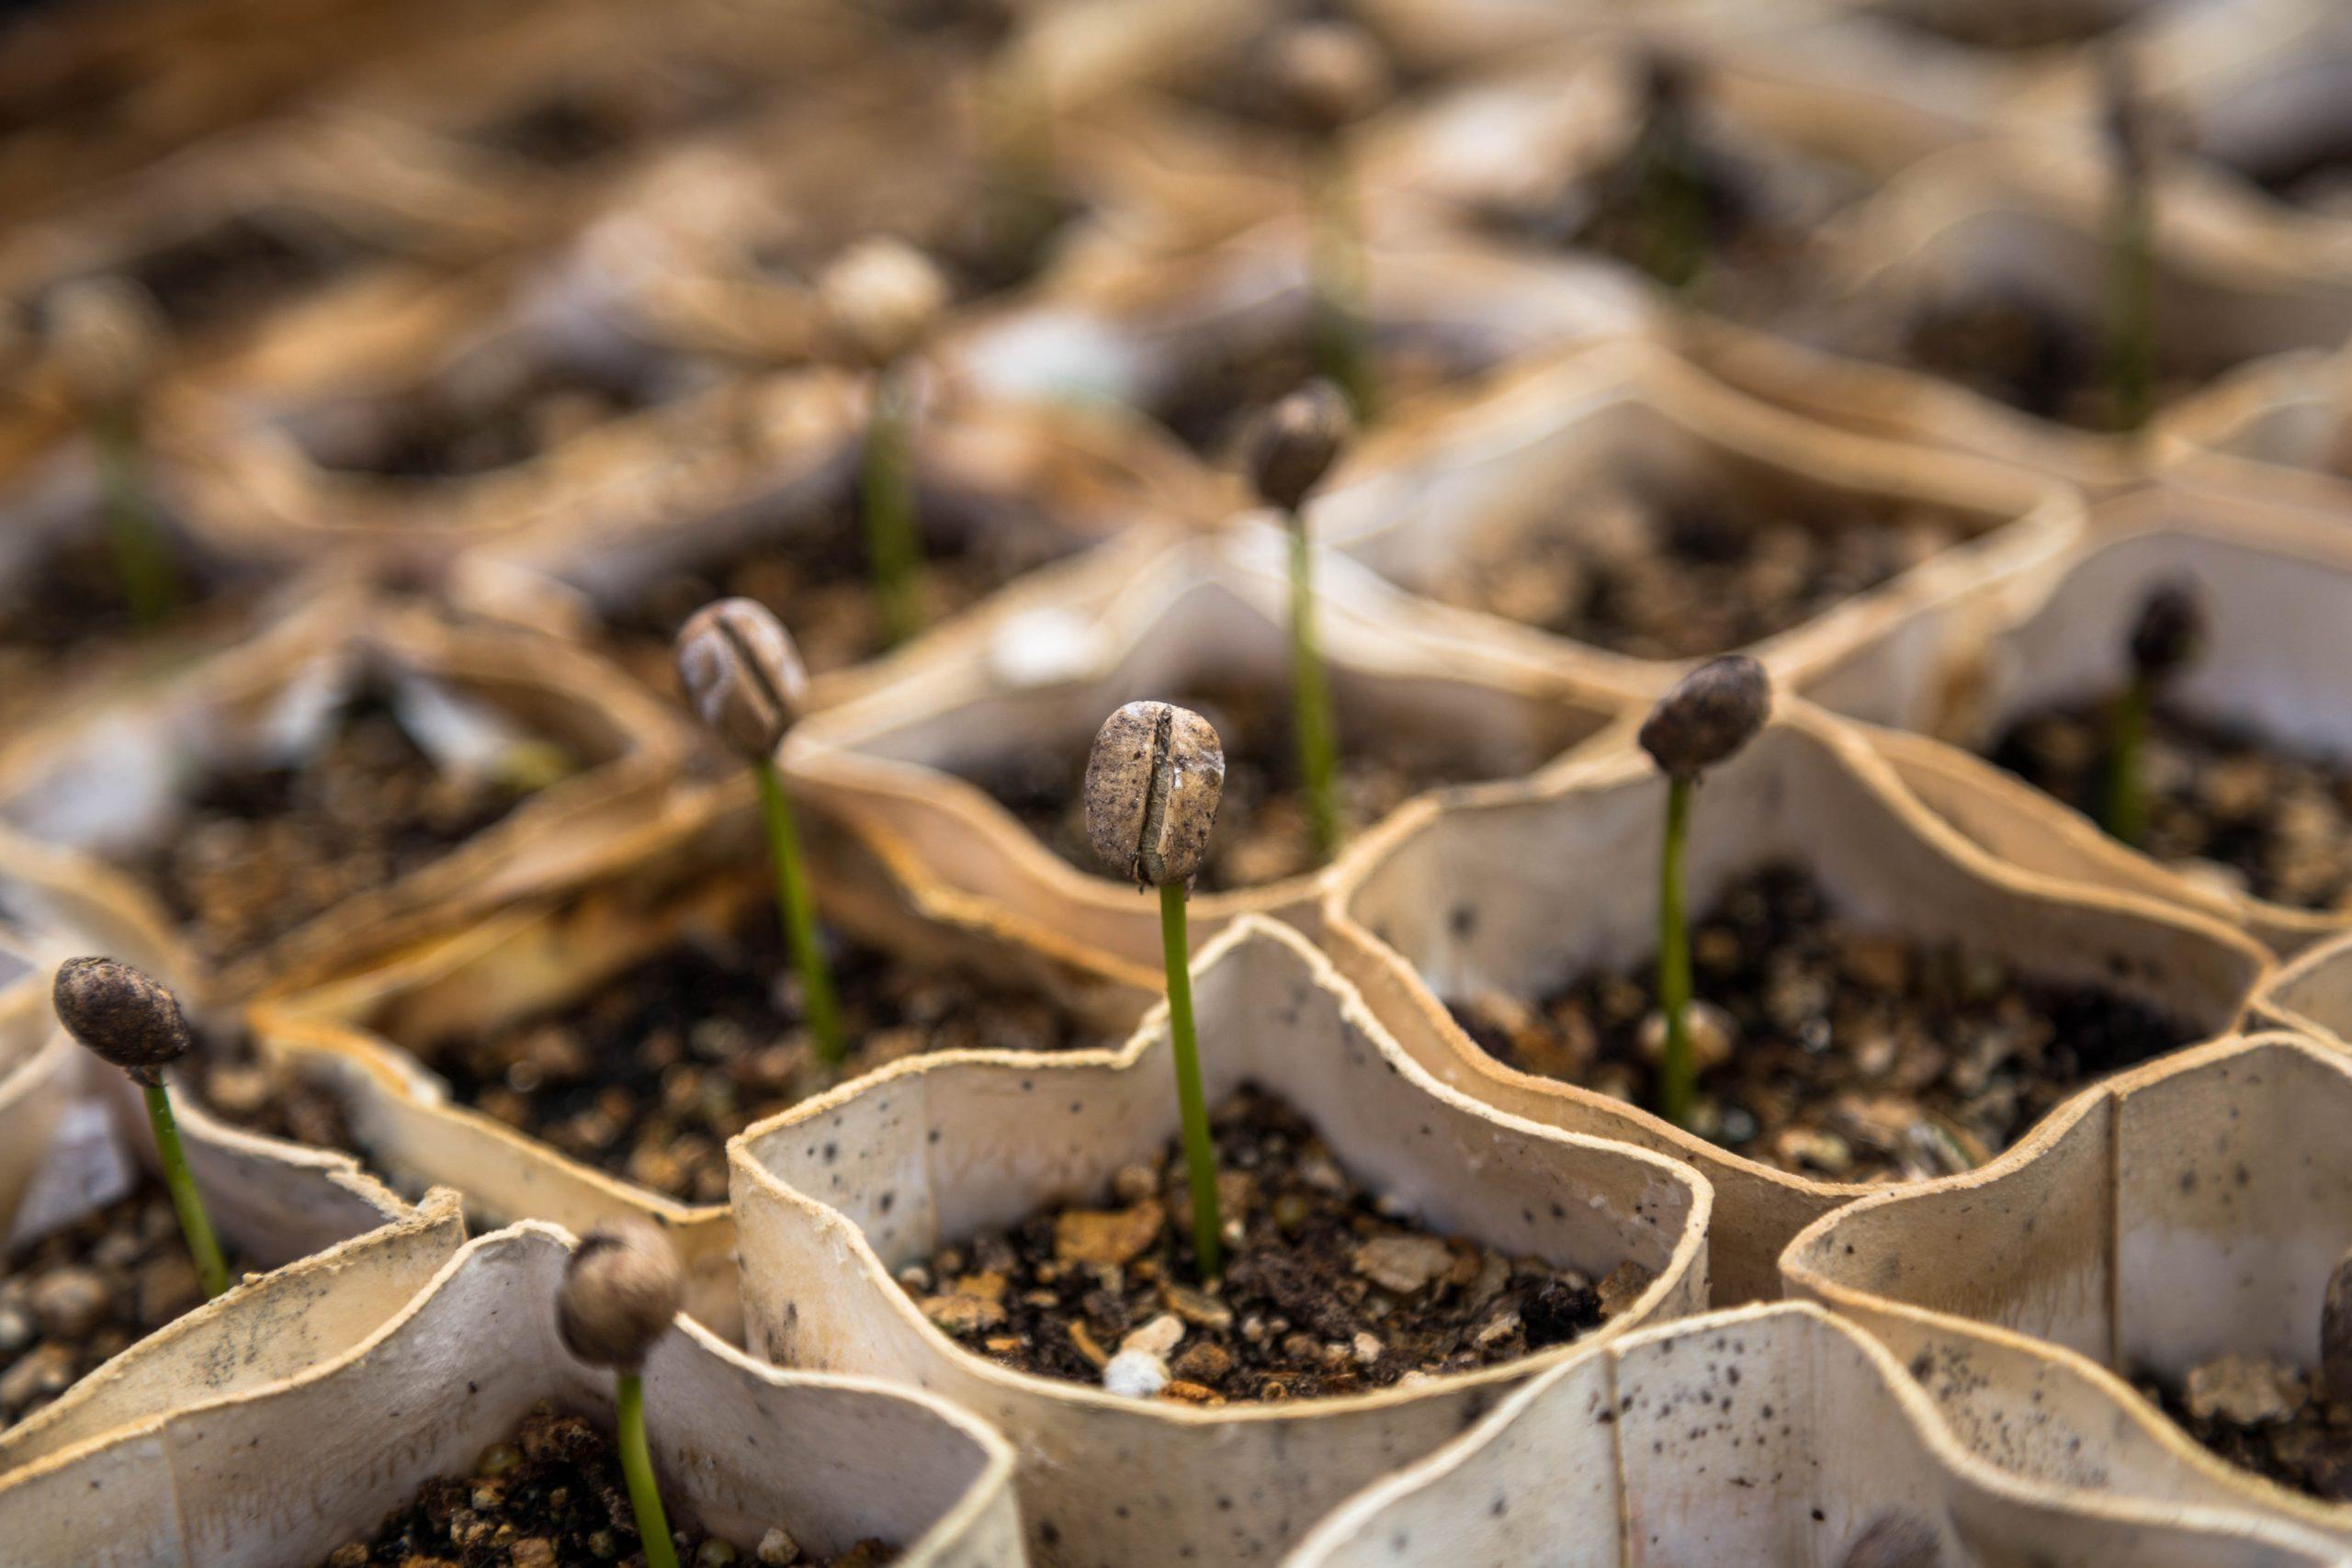 Semences industrielles vs. semences paysannes : à qui appartient le vivant ?